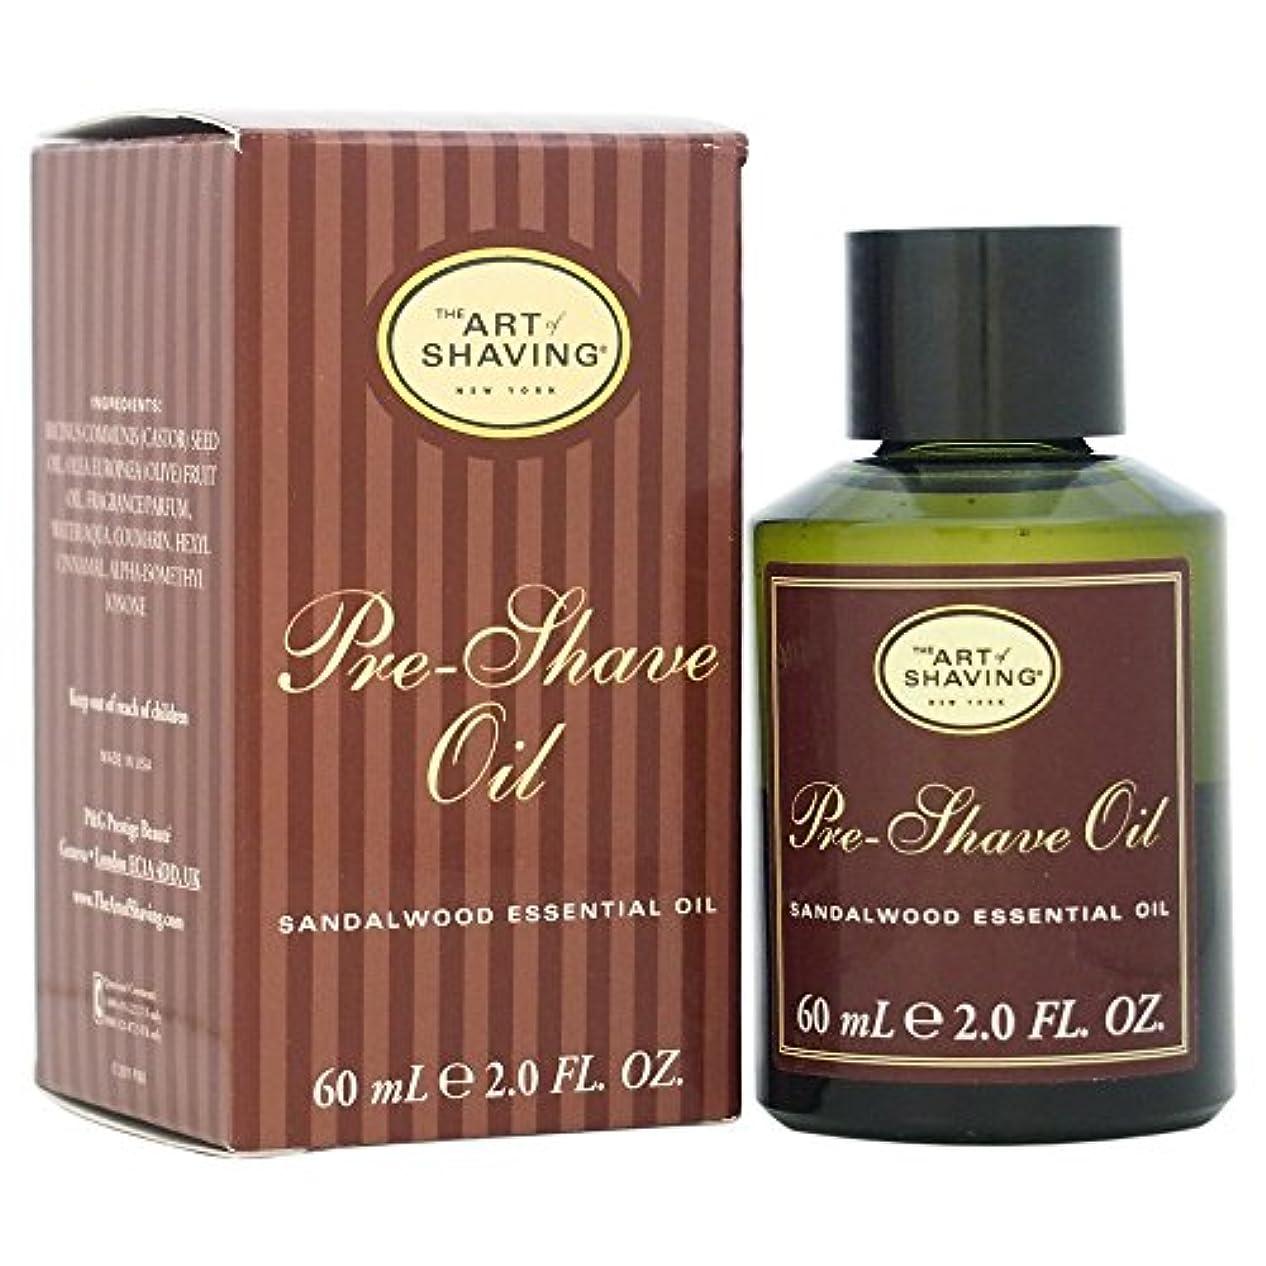 助手検査官レインコートThe Art Of Shaving Pre-Shave Oil With Sandalwood Essential Oil (並行輸入品) [並行輸入品]